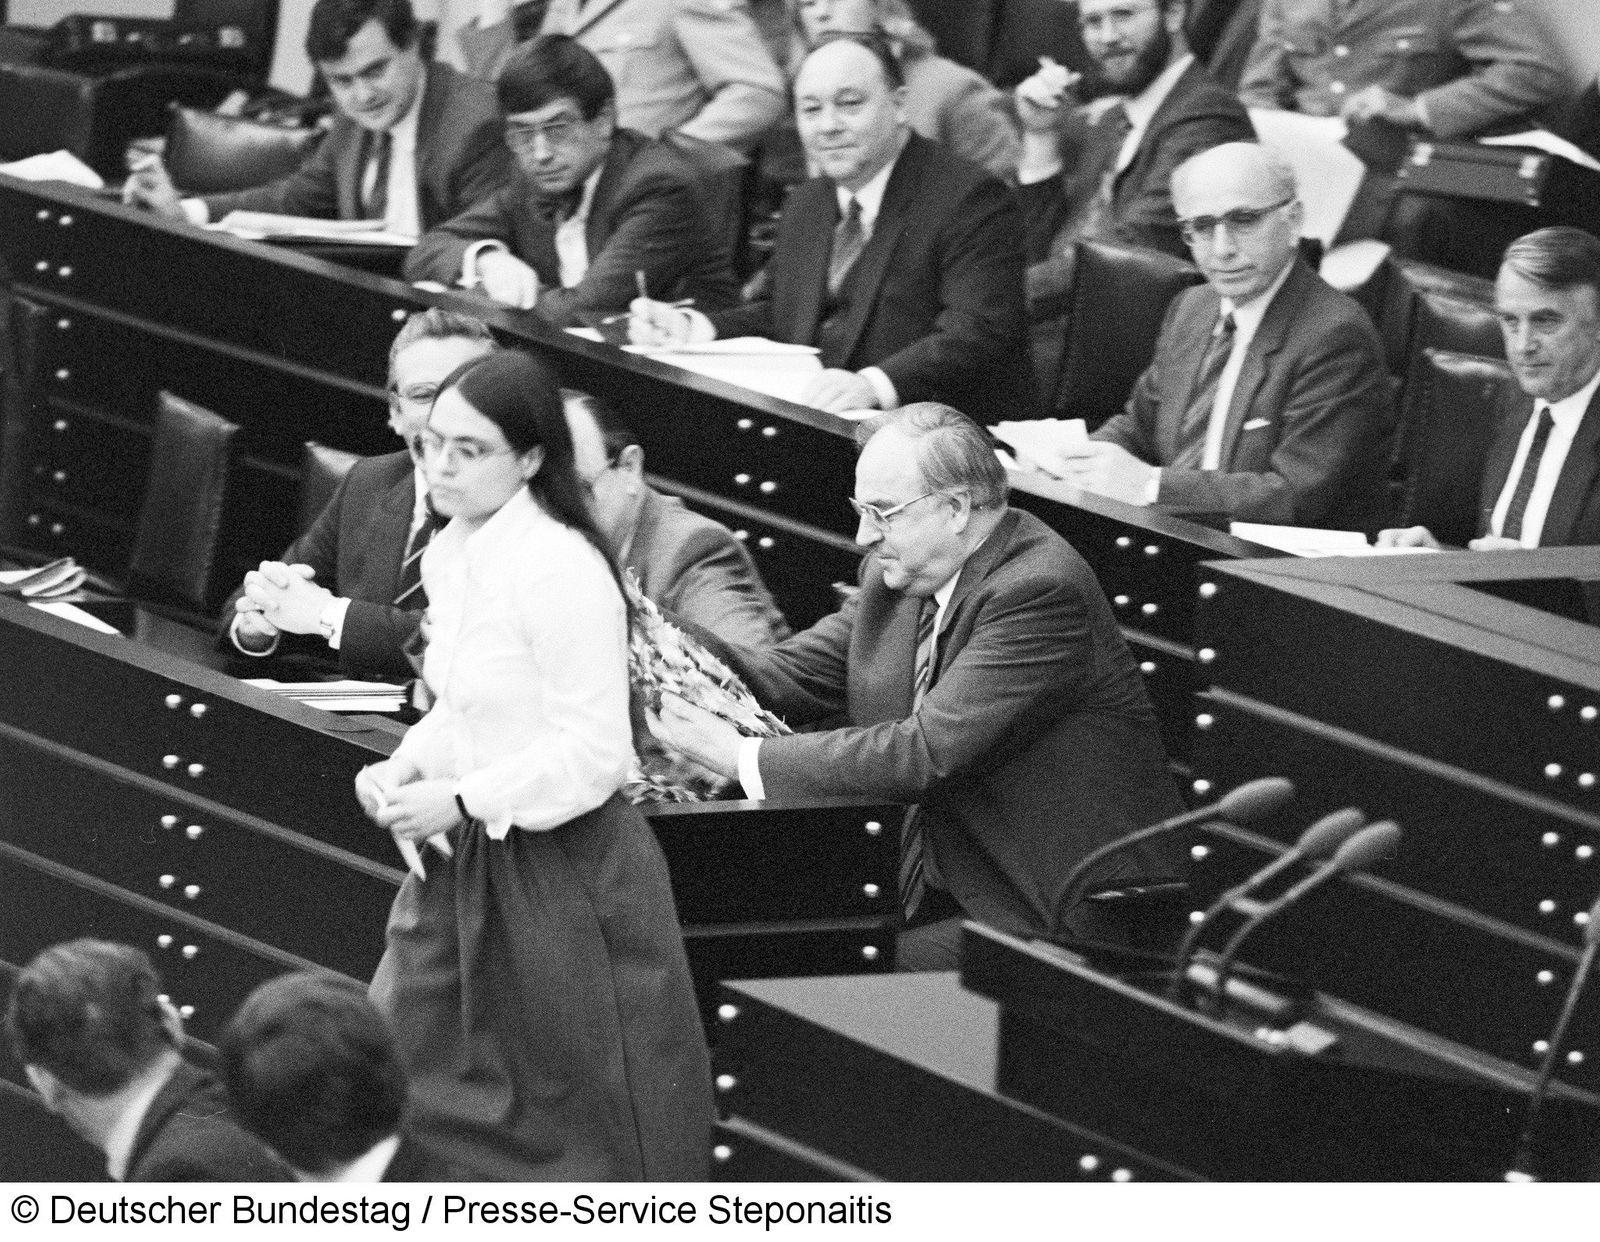 08_die_unbeugsamen-DeutscherBundestag-PresseServiceSteponaitis_ChristaNickelsKranichkette_02